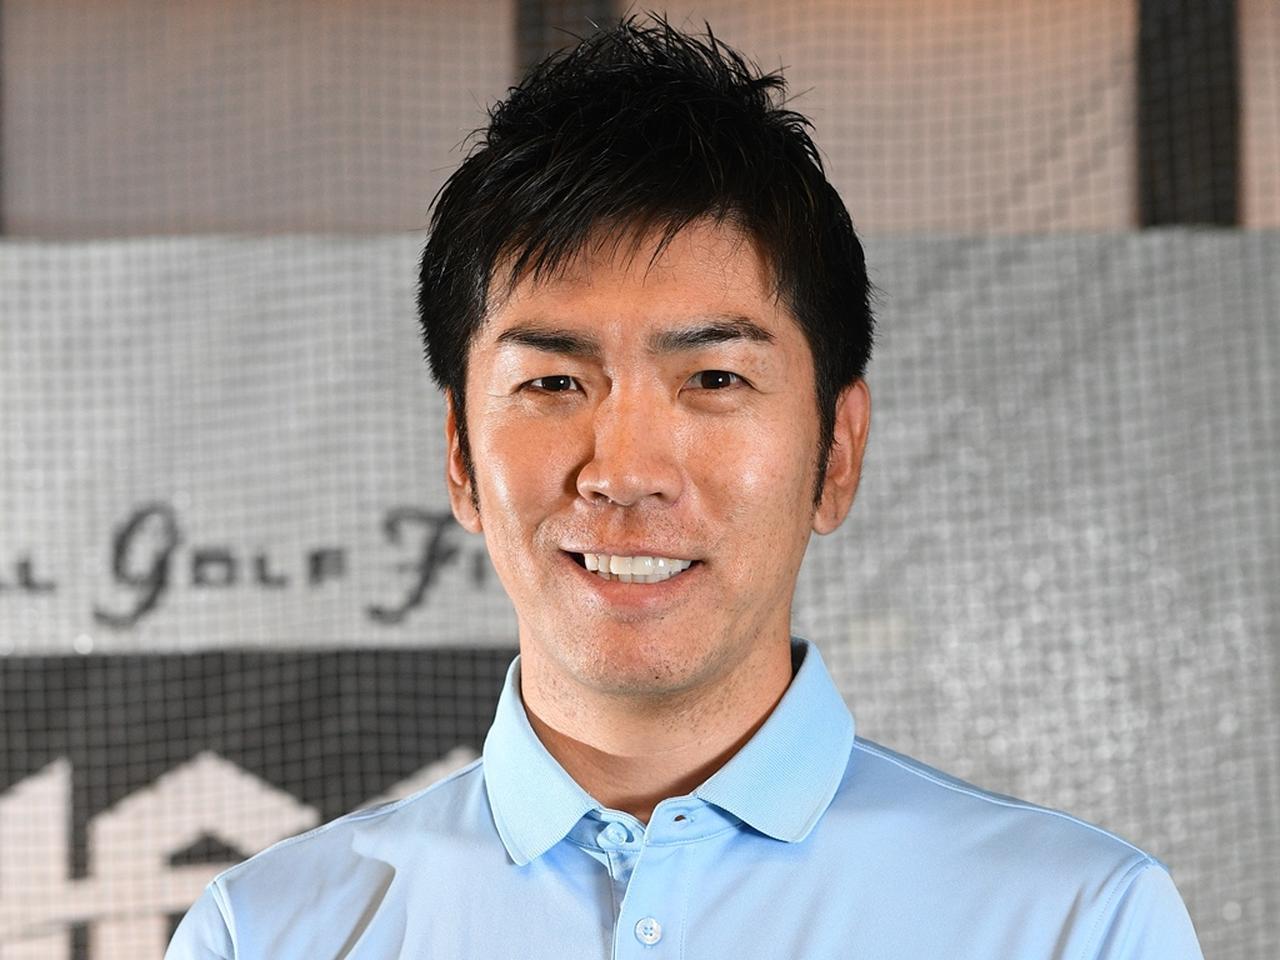 画像: 指導/吉田洋一郎プロ 週刊GD「Dr.クォンの反力打法」連載。D・レッドベターなど世界の名コーチを訪れ理論を直接吸収。探求・研究に余念がない。トータルゴルフフィットネスでレッスン活動中